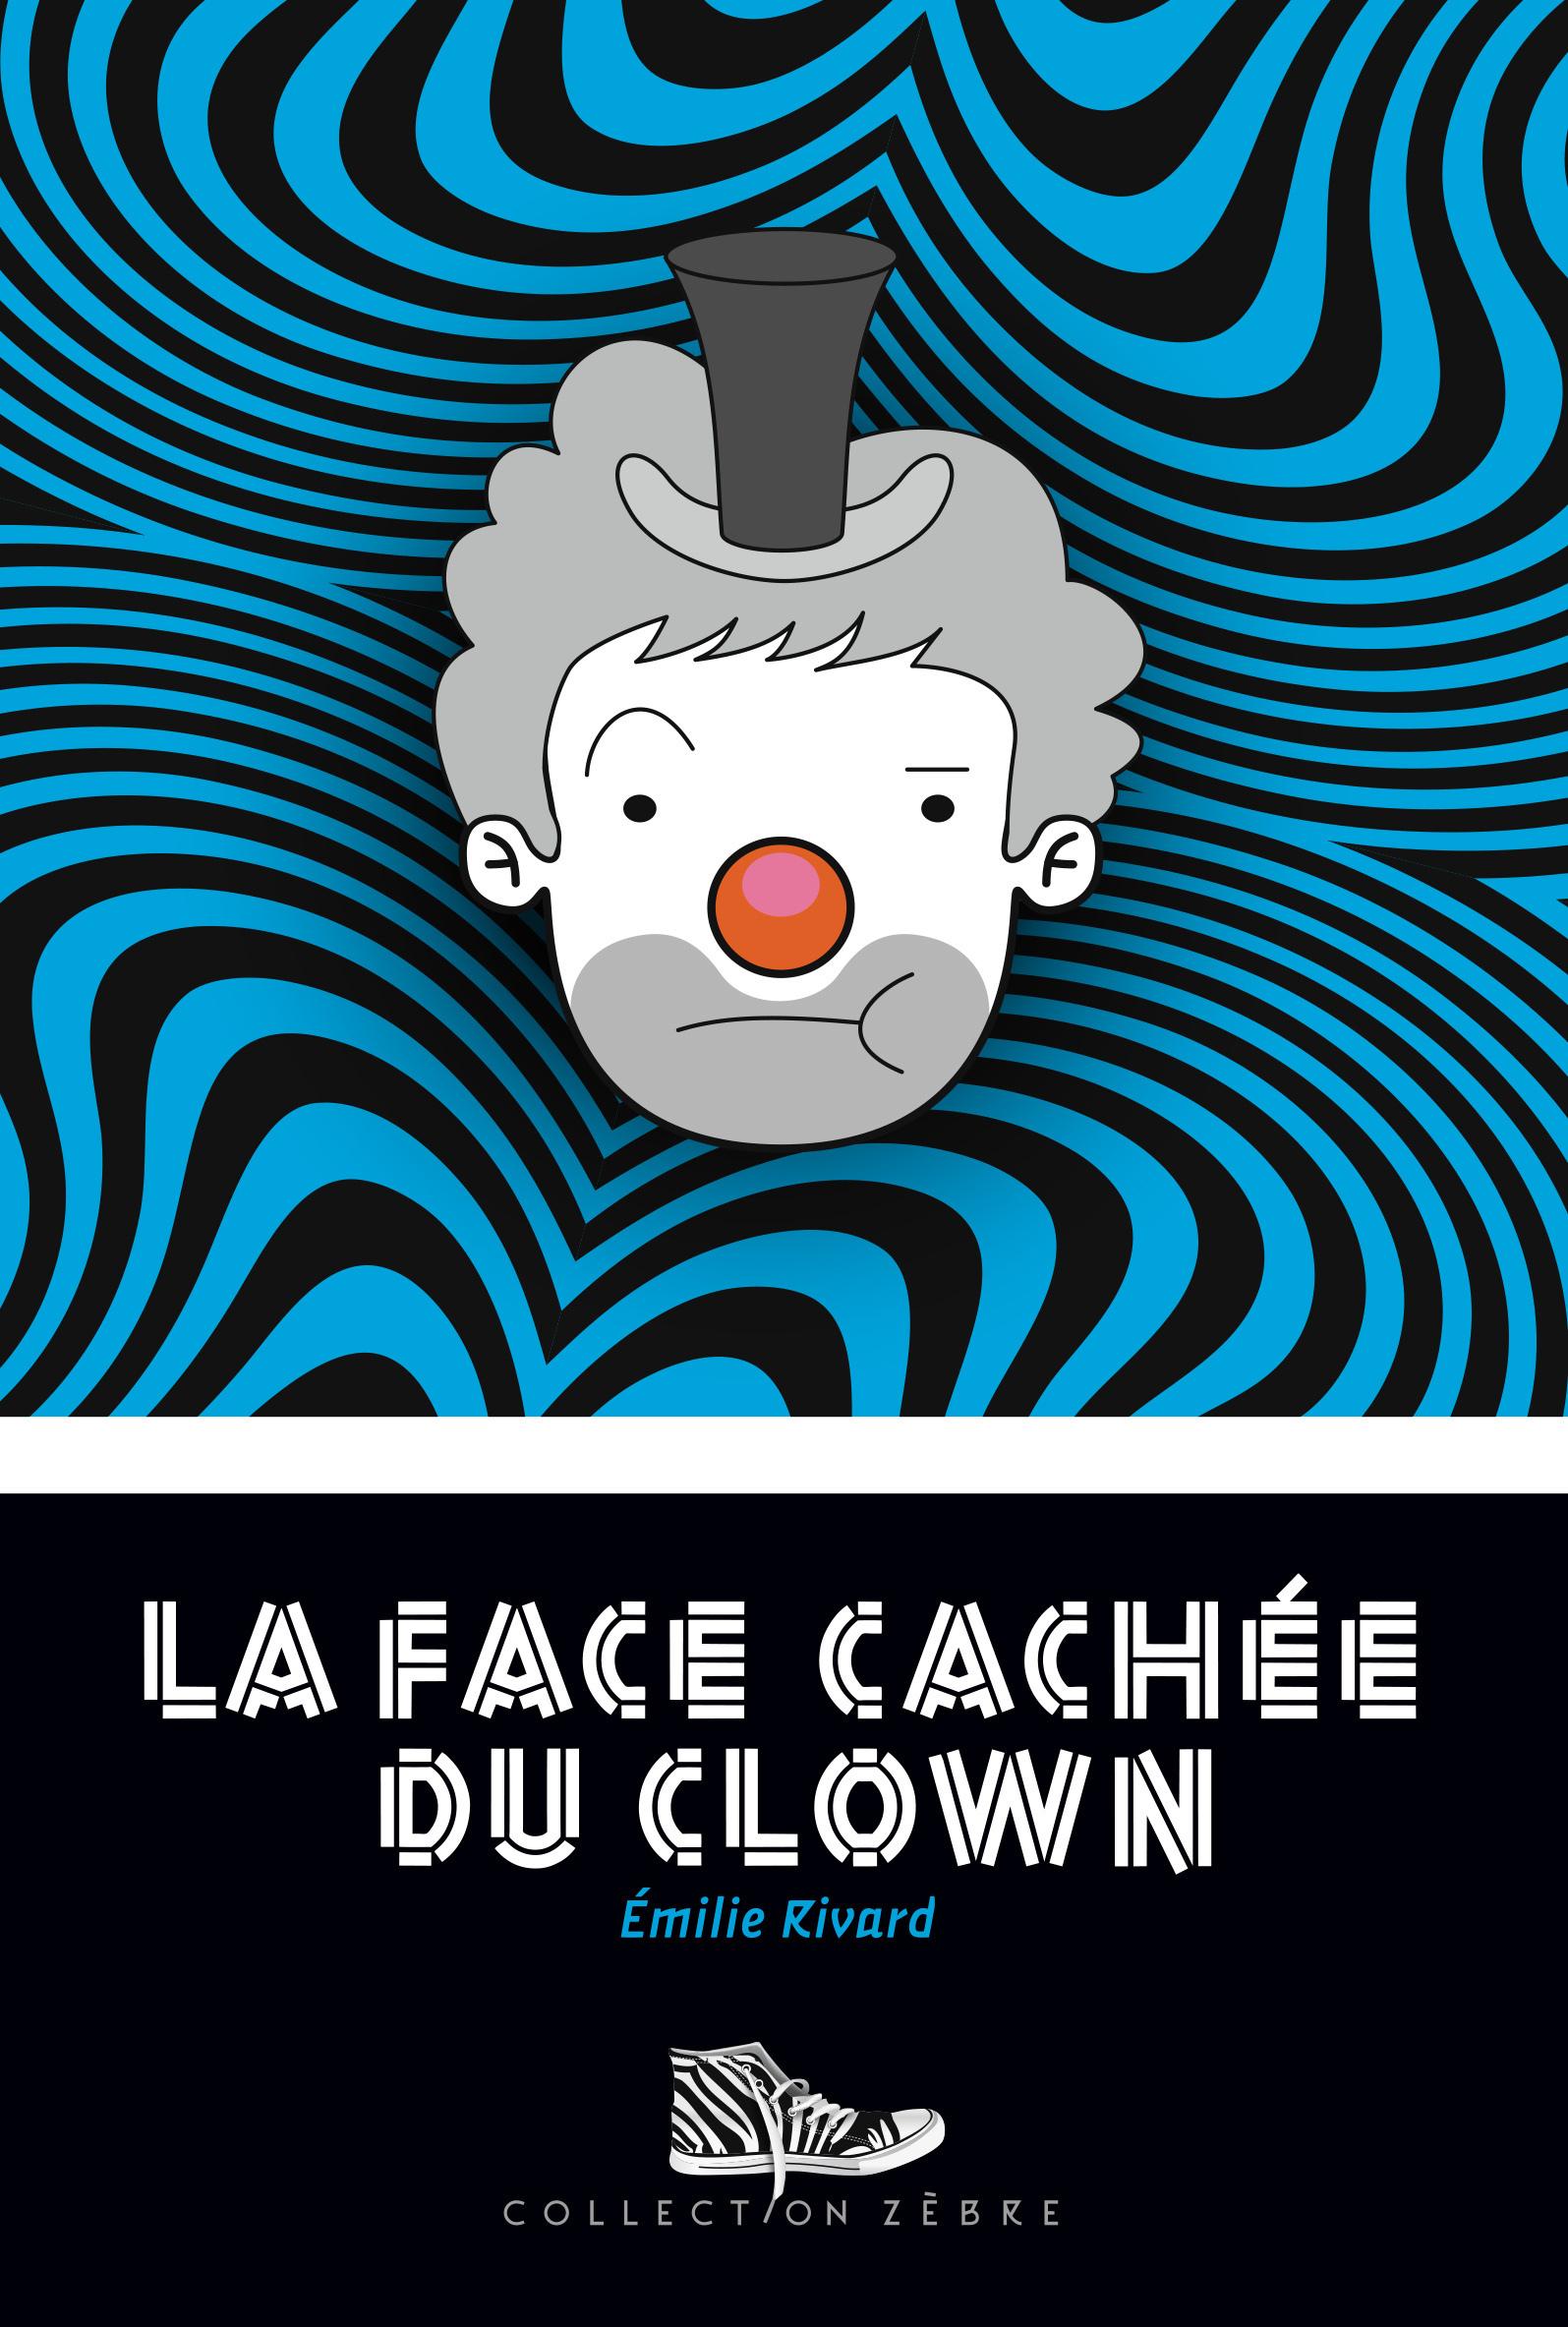 Couverture : Face cachée du clown (La) Émilie Rivard